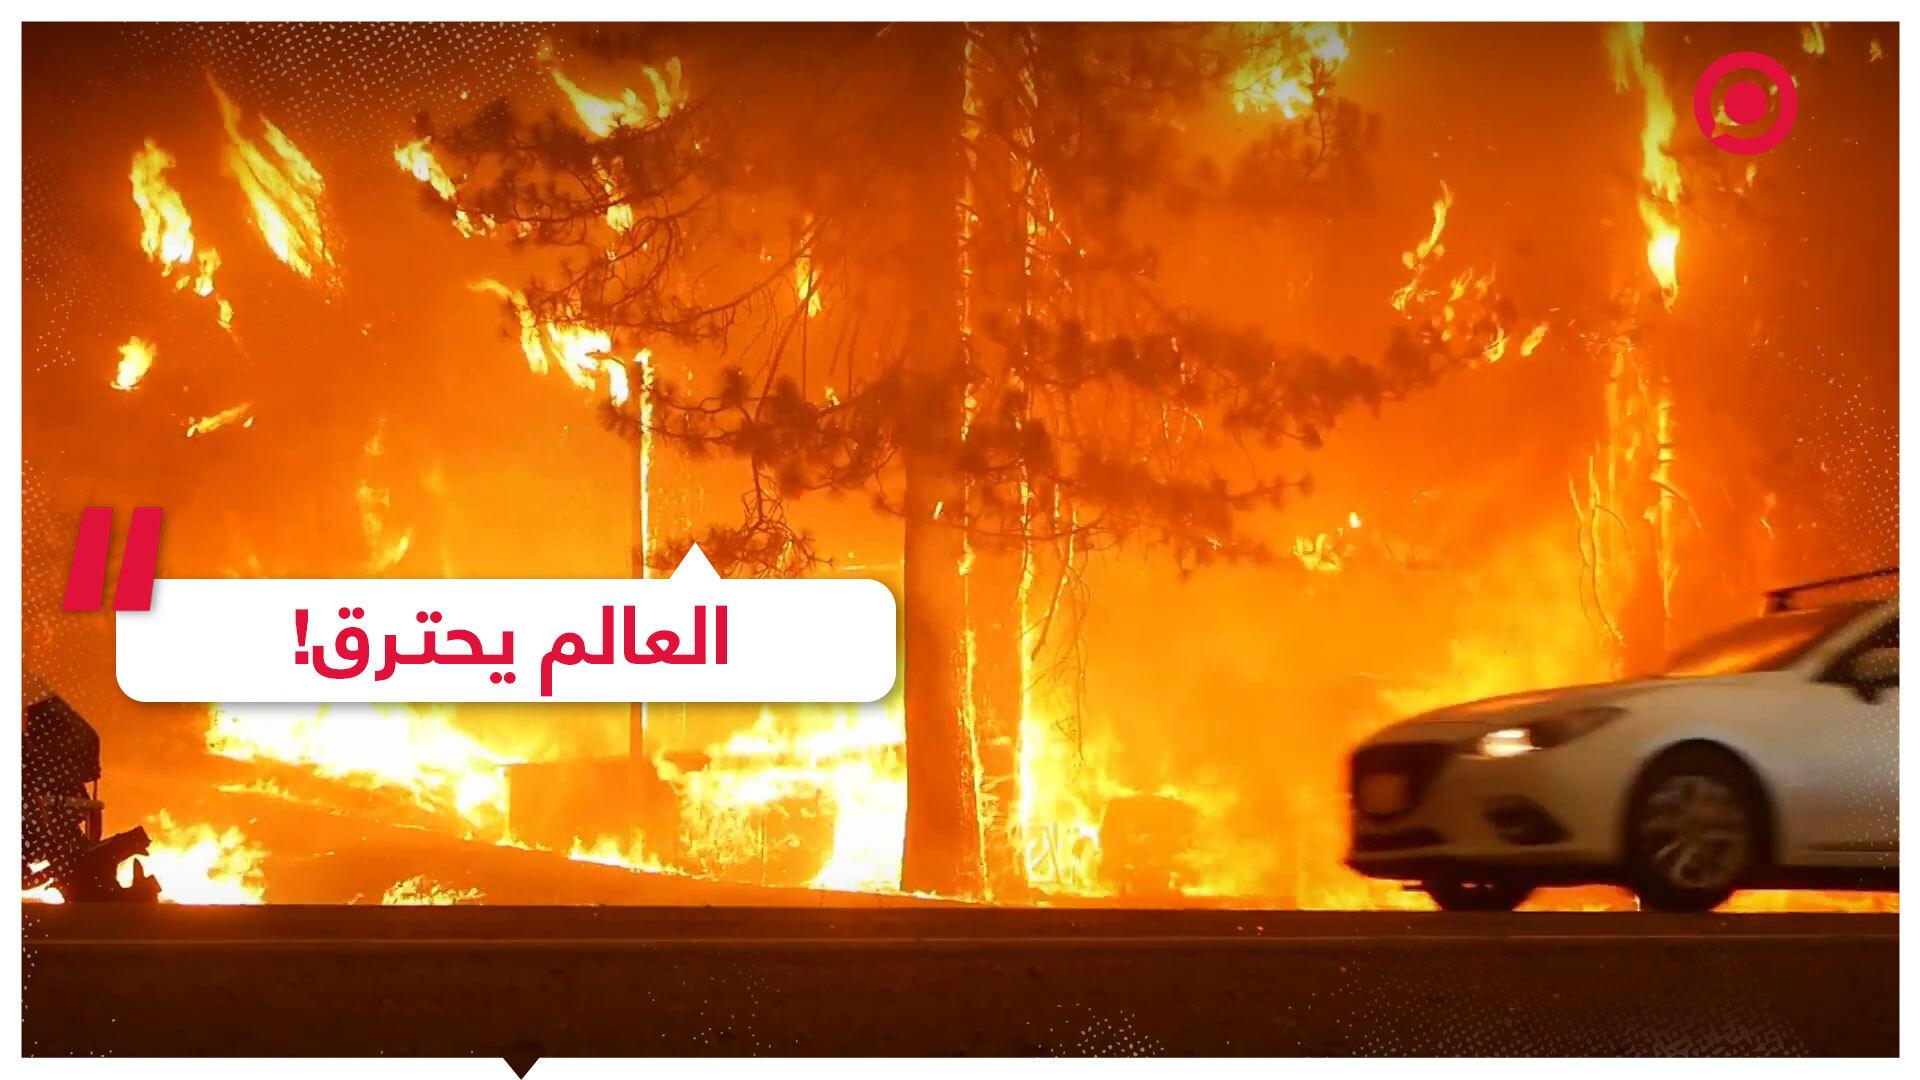 العالم يحترق!